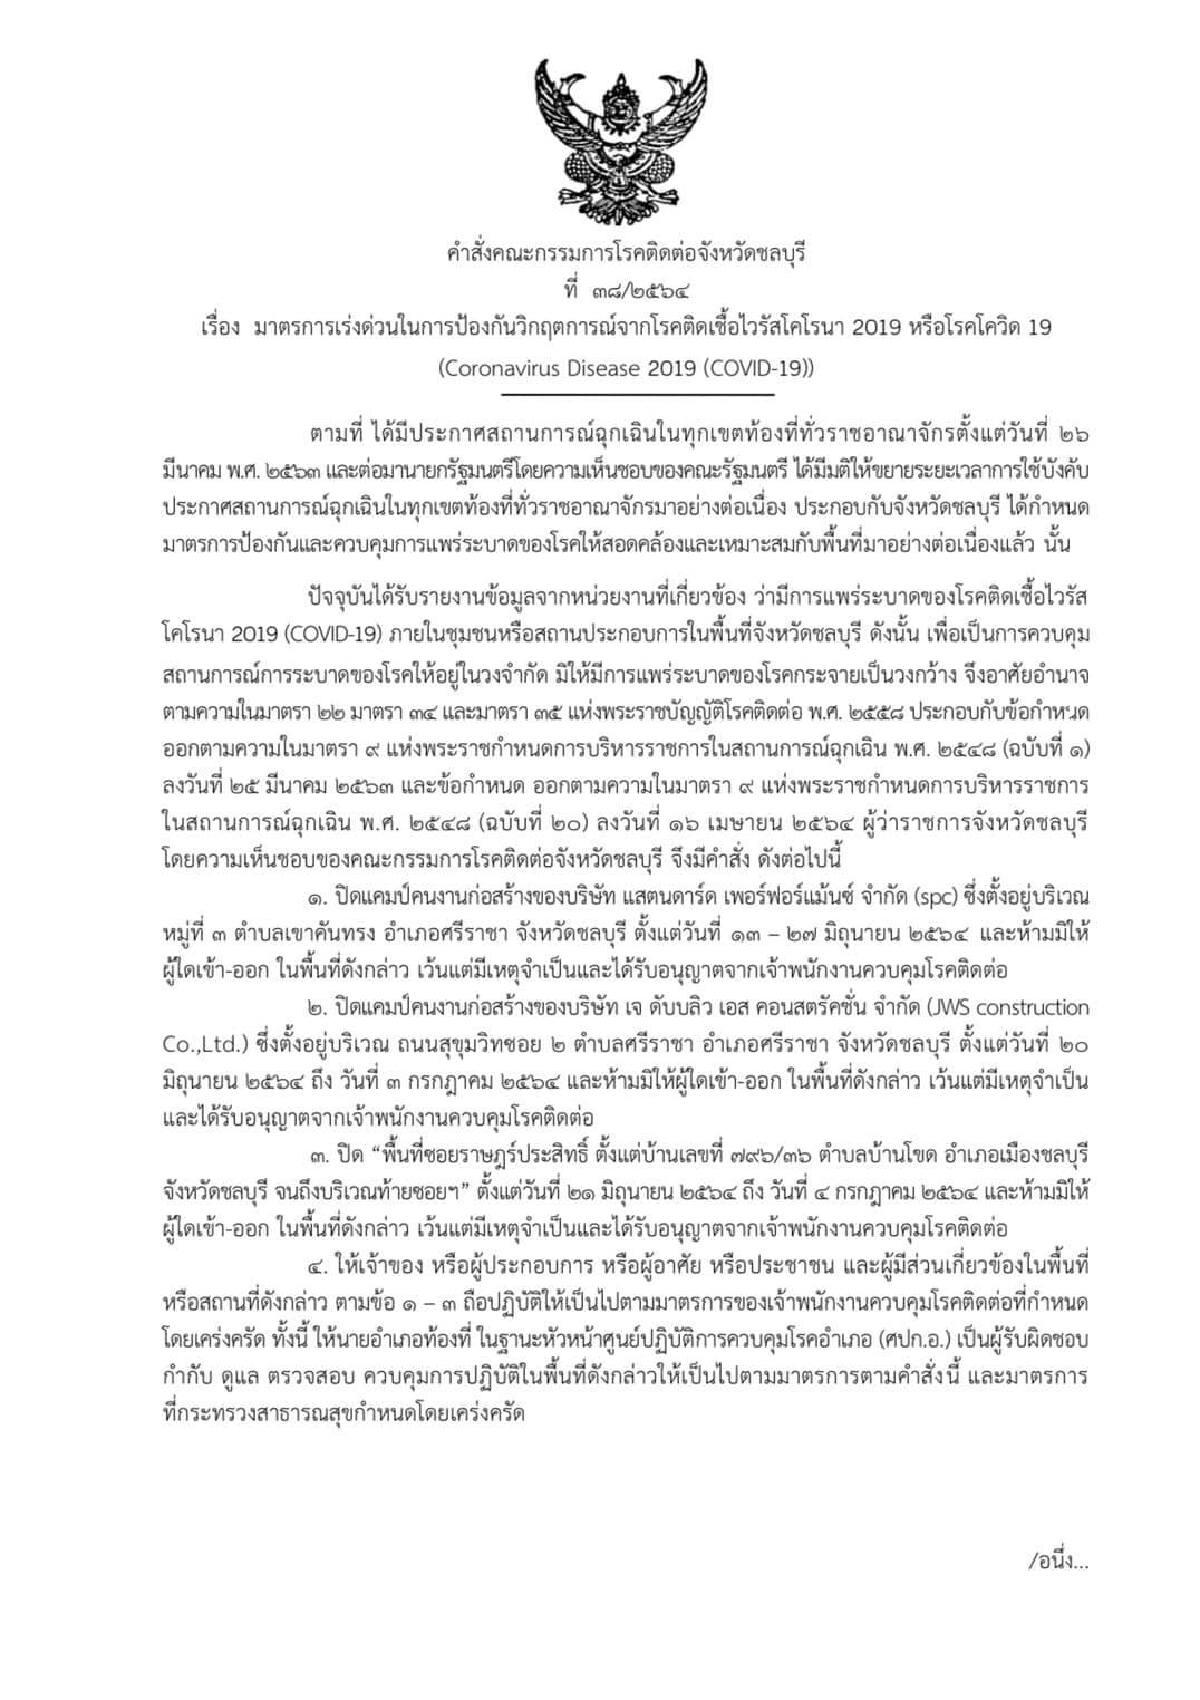 ชลบุรี ยังหนัก พบผู้ติดเชื้อโควิด-19 รายใหม่พุ่ง 187 ราย